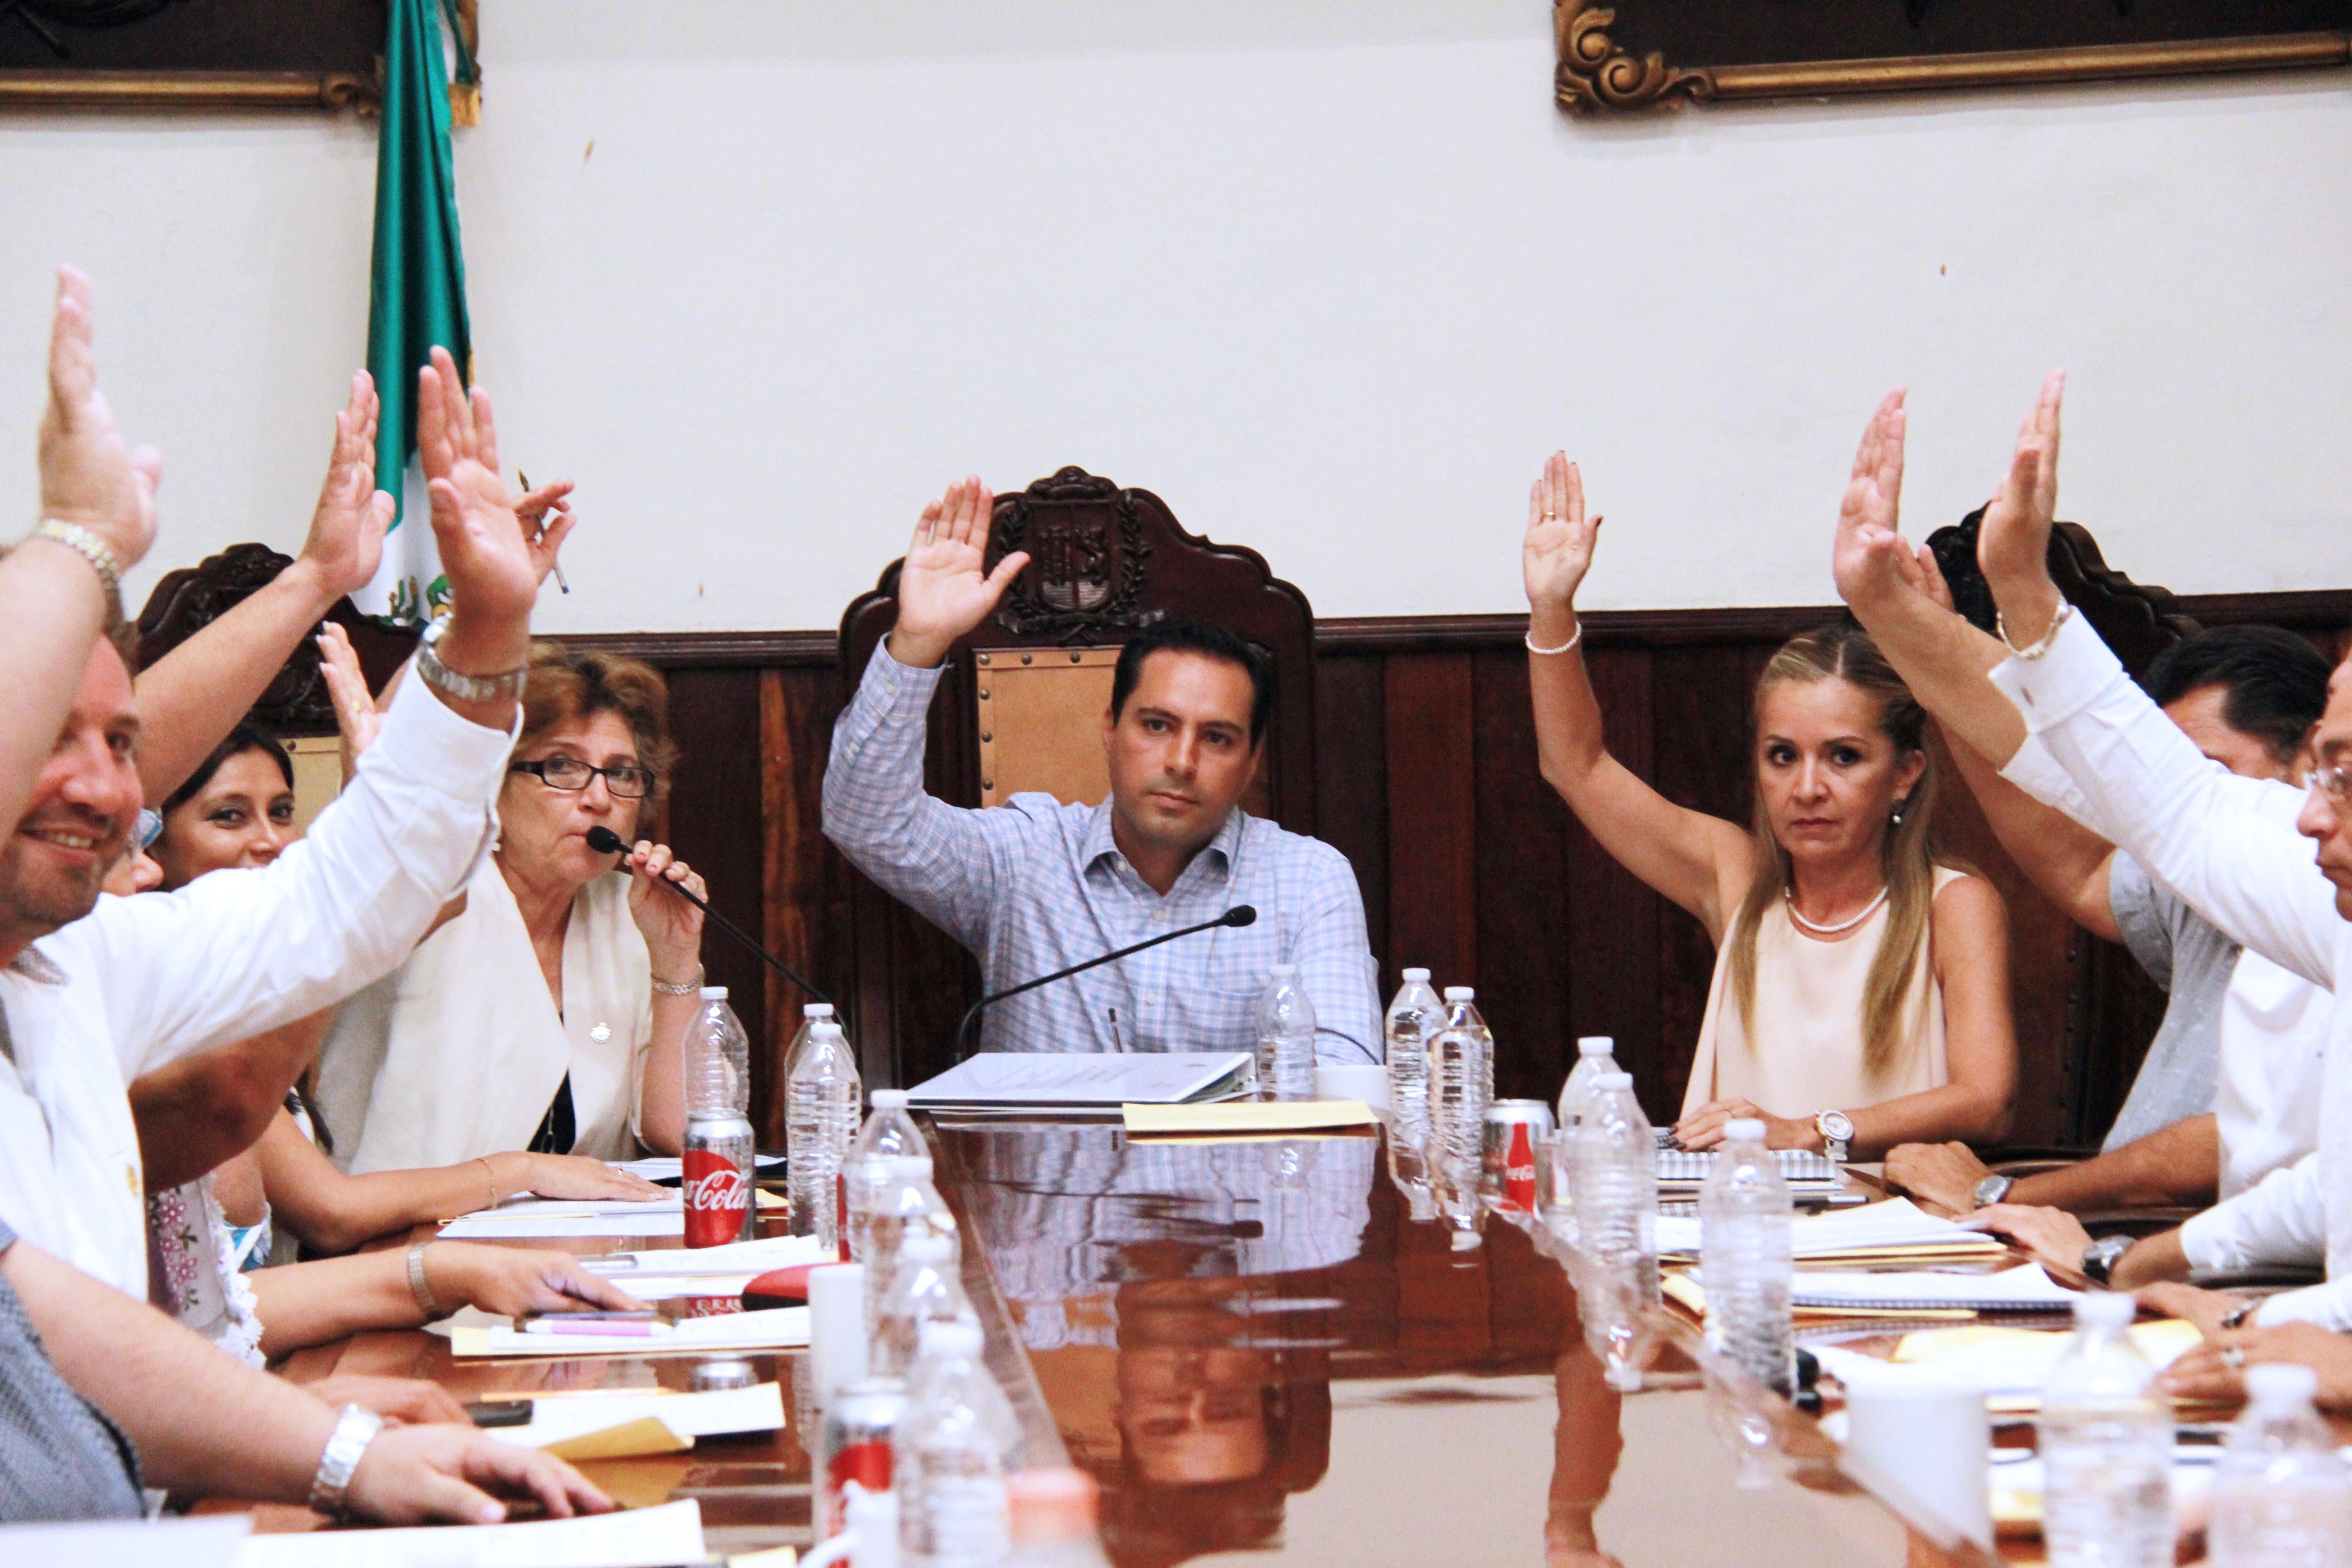 Seguirá espectáculo de 'videomaping' en Mérida